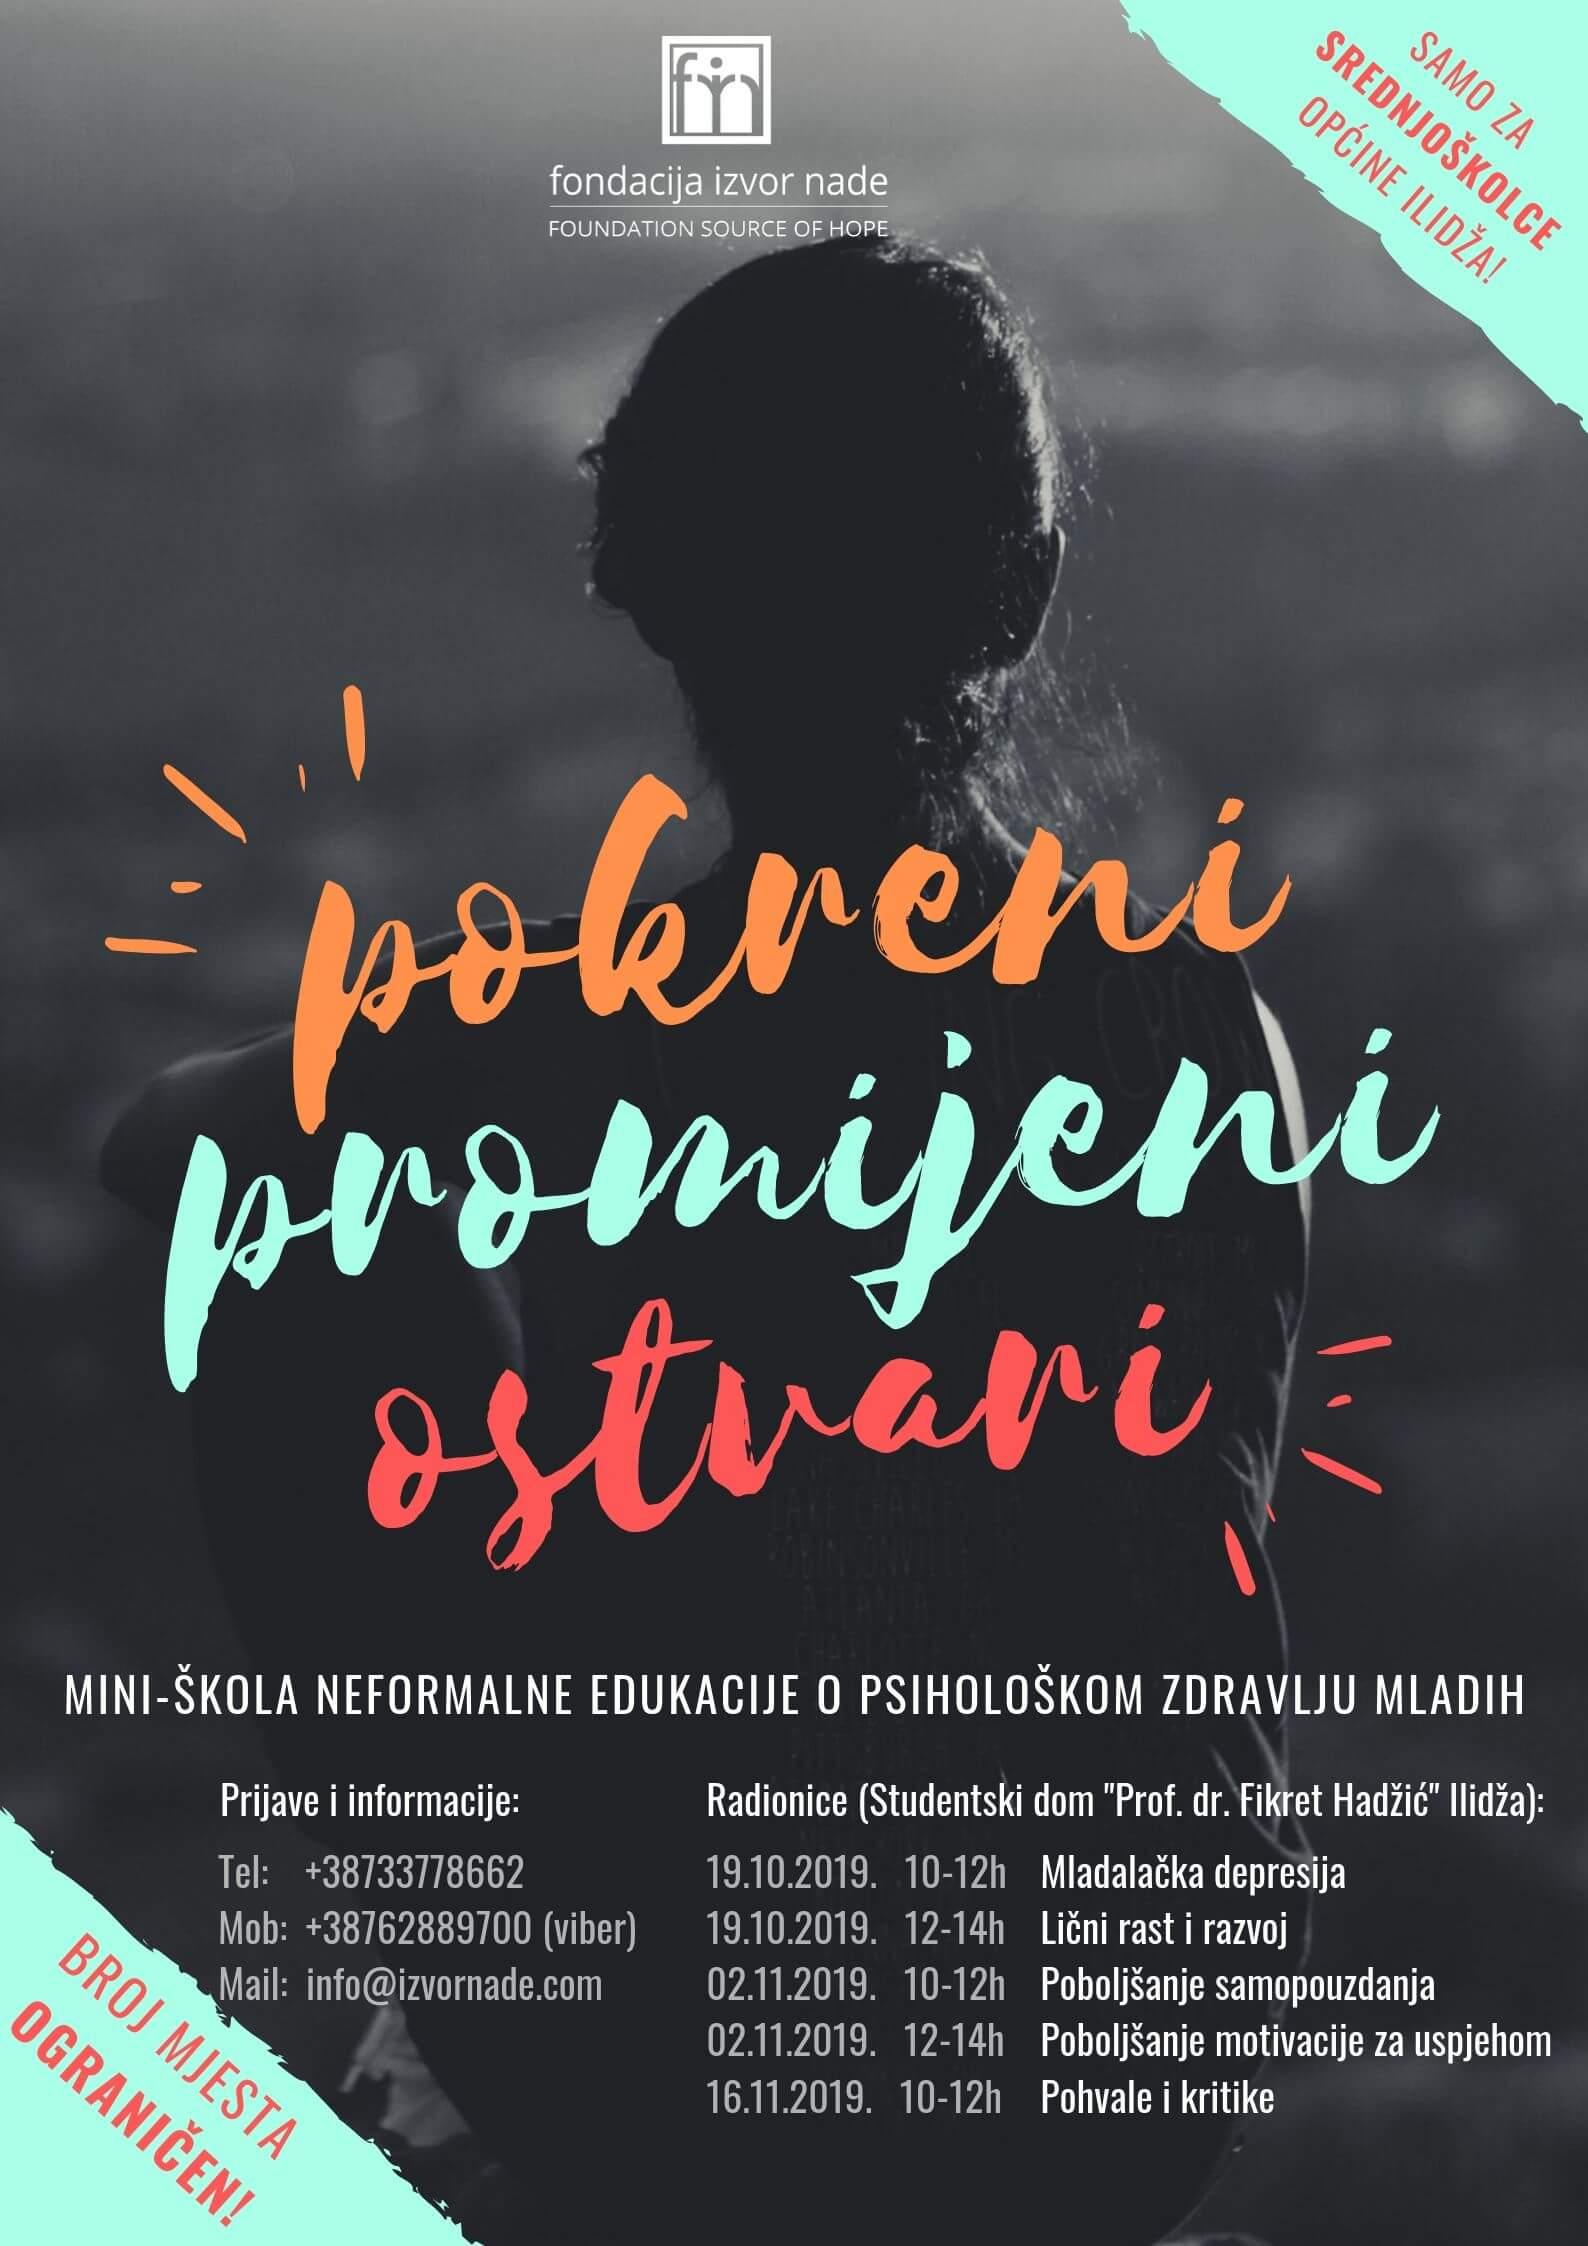 """Mini-škola neformalne edukacije o psihološkom zdravlju mladih """"Pokreni, promijeni, ostvari"""" 2019"""